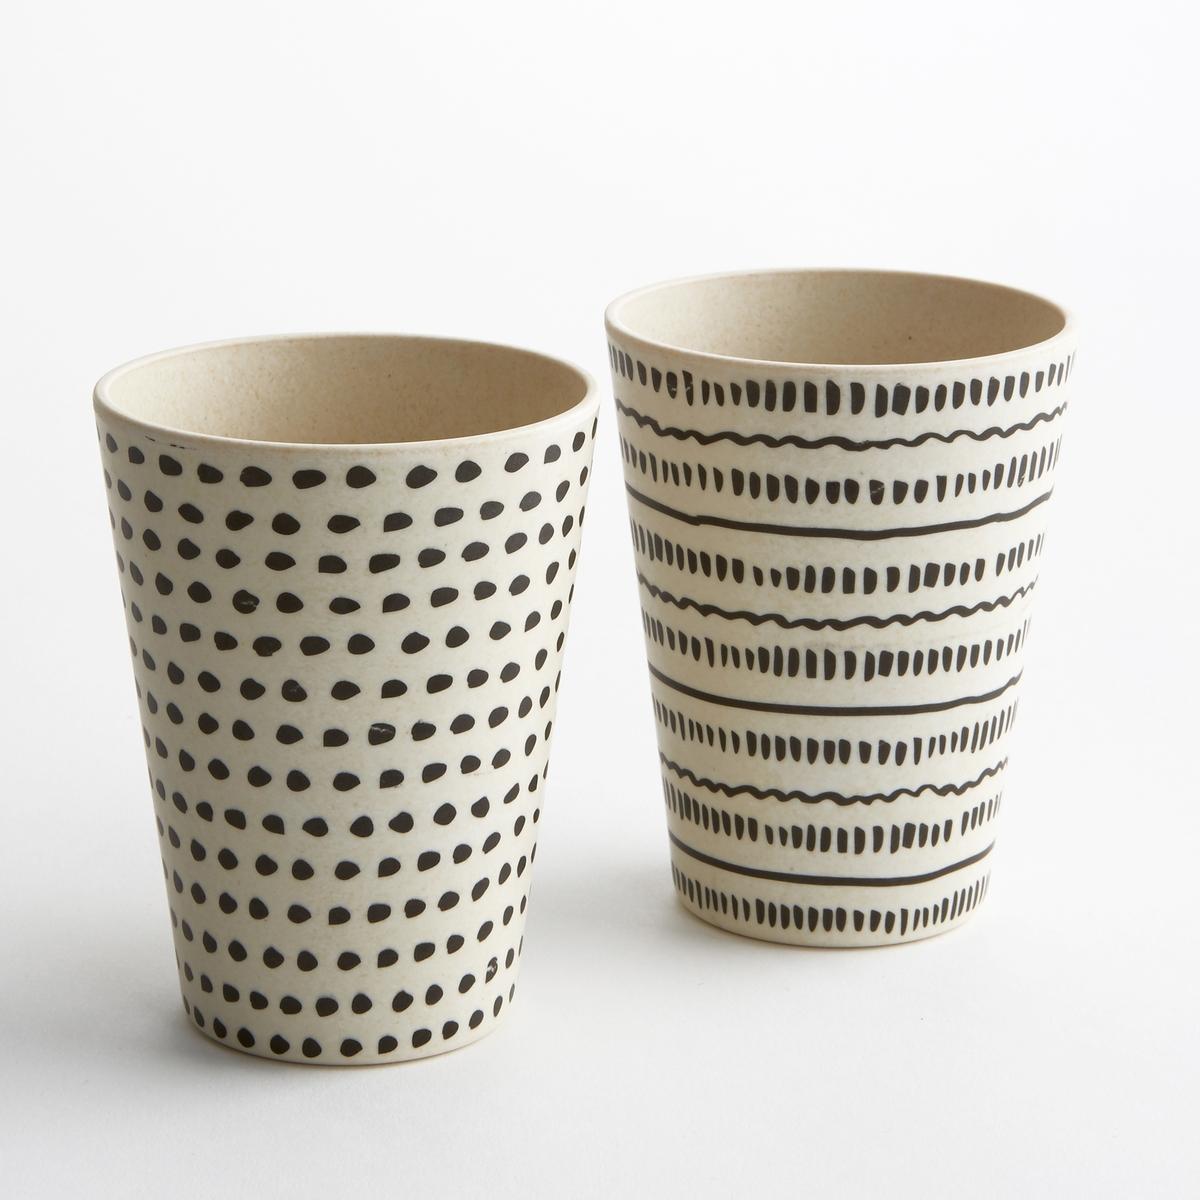 Комплект из 4 стаканчиков из бамбука BamboskaХарактеристики 4 стаканчиков из бамбука с рисунком Bamboska :Бамбук с рисунком, 2 разных узора.Размеры 4 стаканчиков из бамбука с рисунком Bamboskа :Диаметр. 8,3 x 11 см.Бамбук с рисунком, 2 разных узора.Другие стаканчики и наши коллекции предметов декора стола вы можете найти на сайте laredoute.ru<br><br>Цвет: набивной рисунок